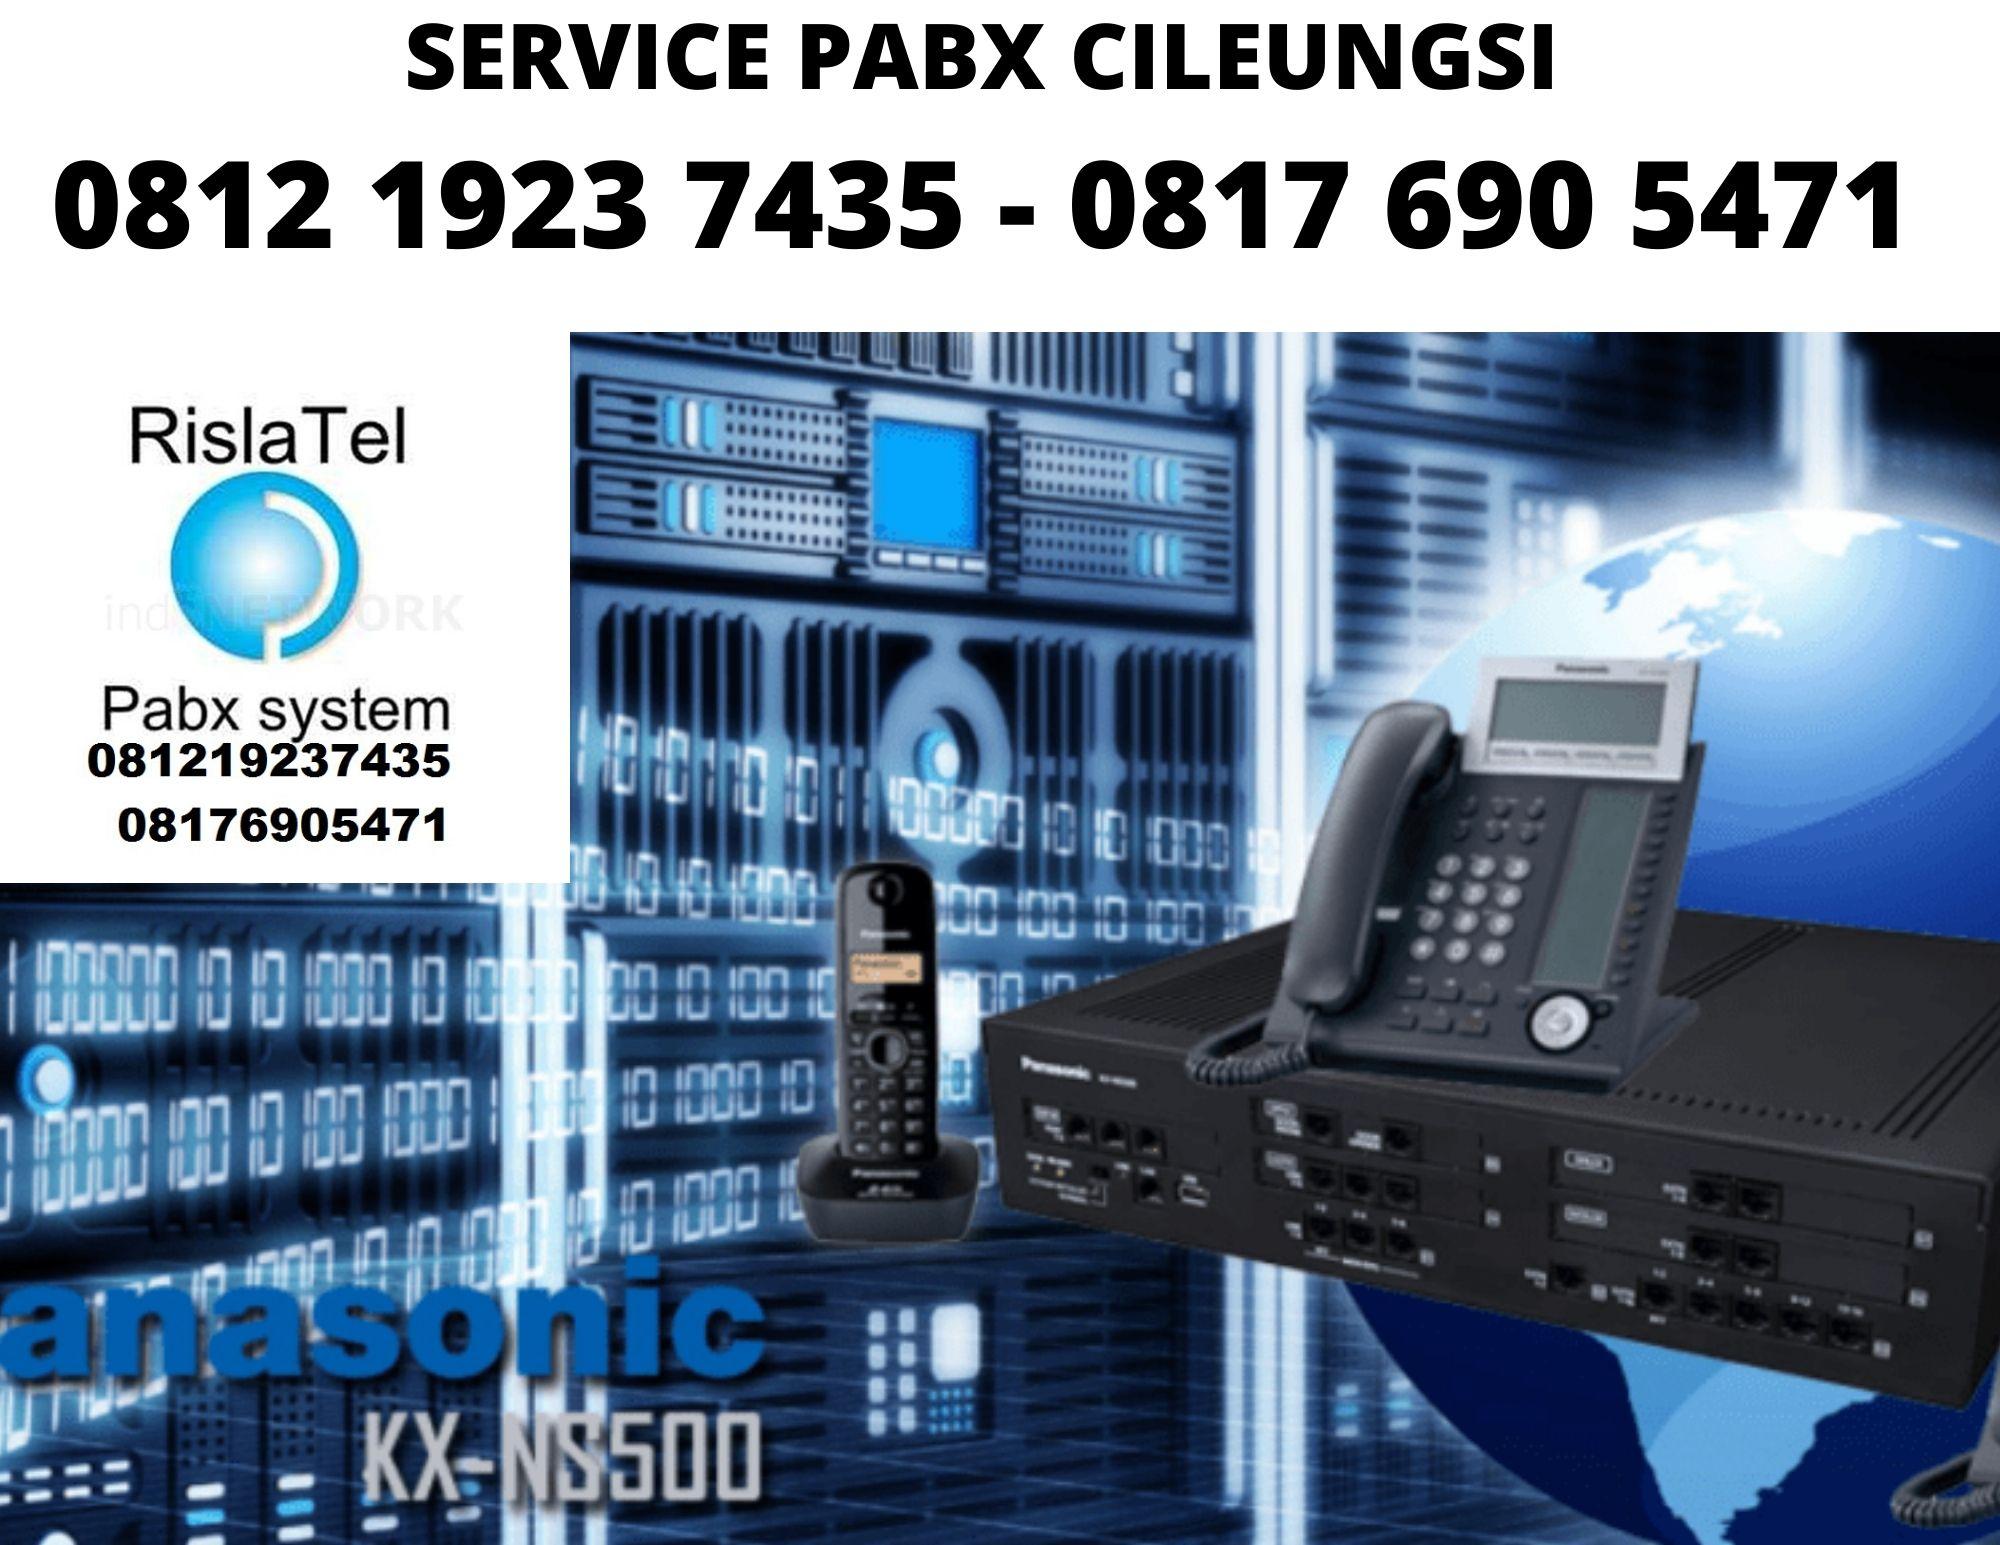 Service PABX Cileungsi